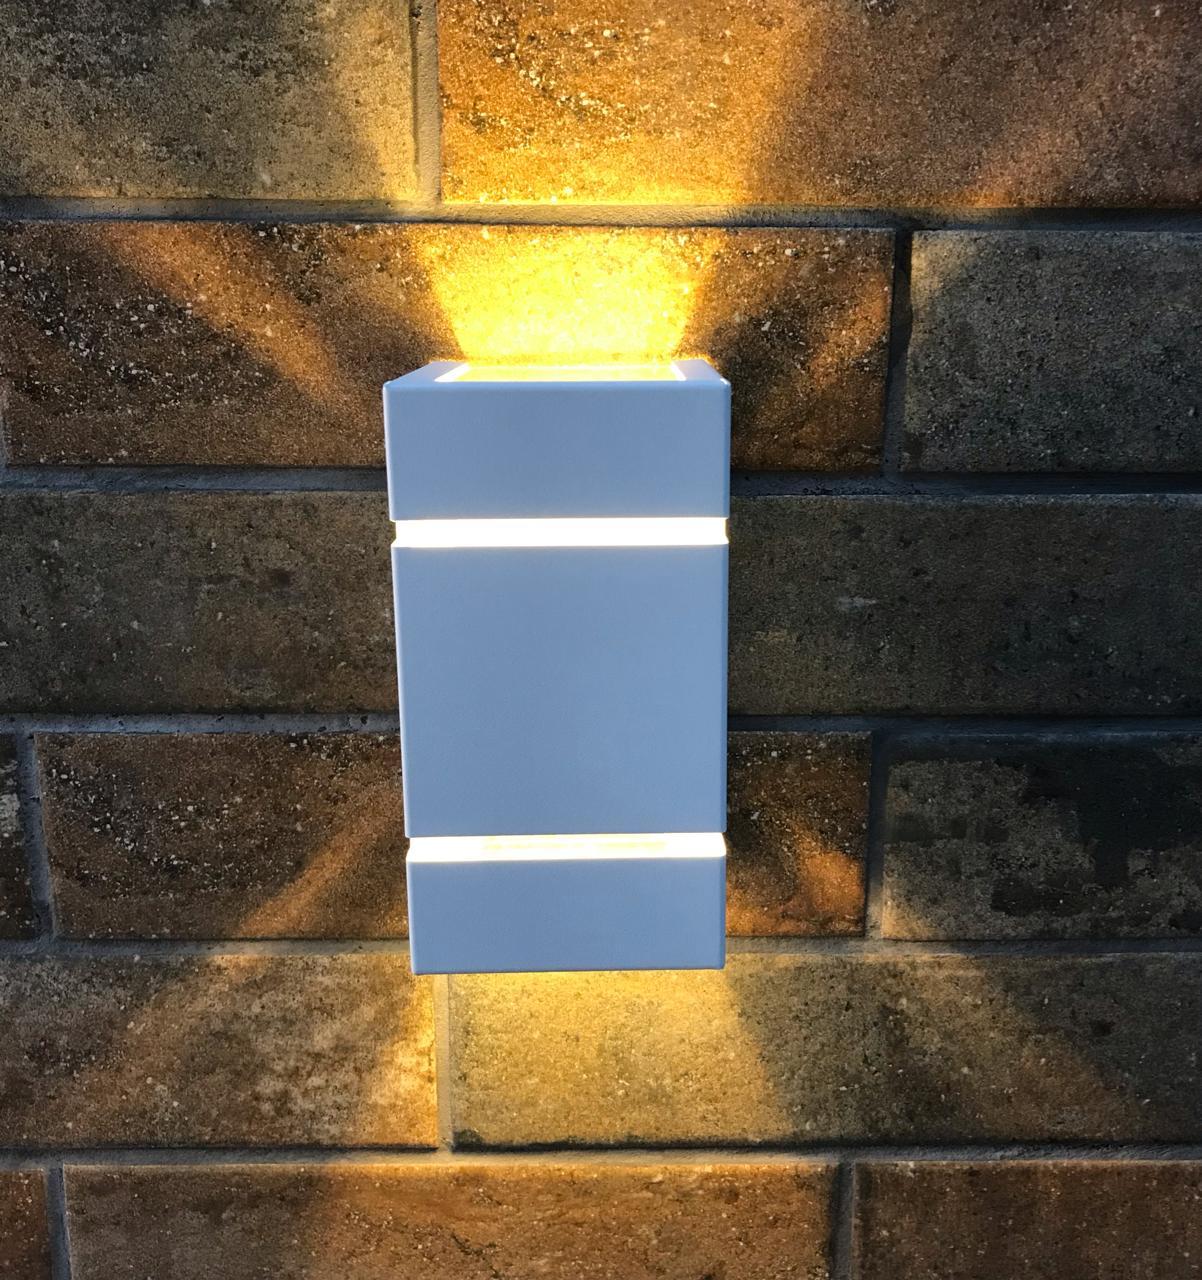 Arandela Frisada Catarina Parede Muro 2 fachos e 2 Frisos G9 Branca / Marrom / Preta + Lâmpada de LED 5W 3000k (branco quente) ou 6000k (branco frio)